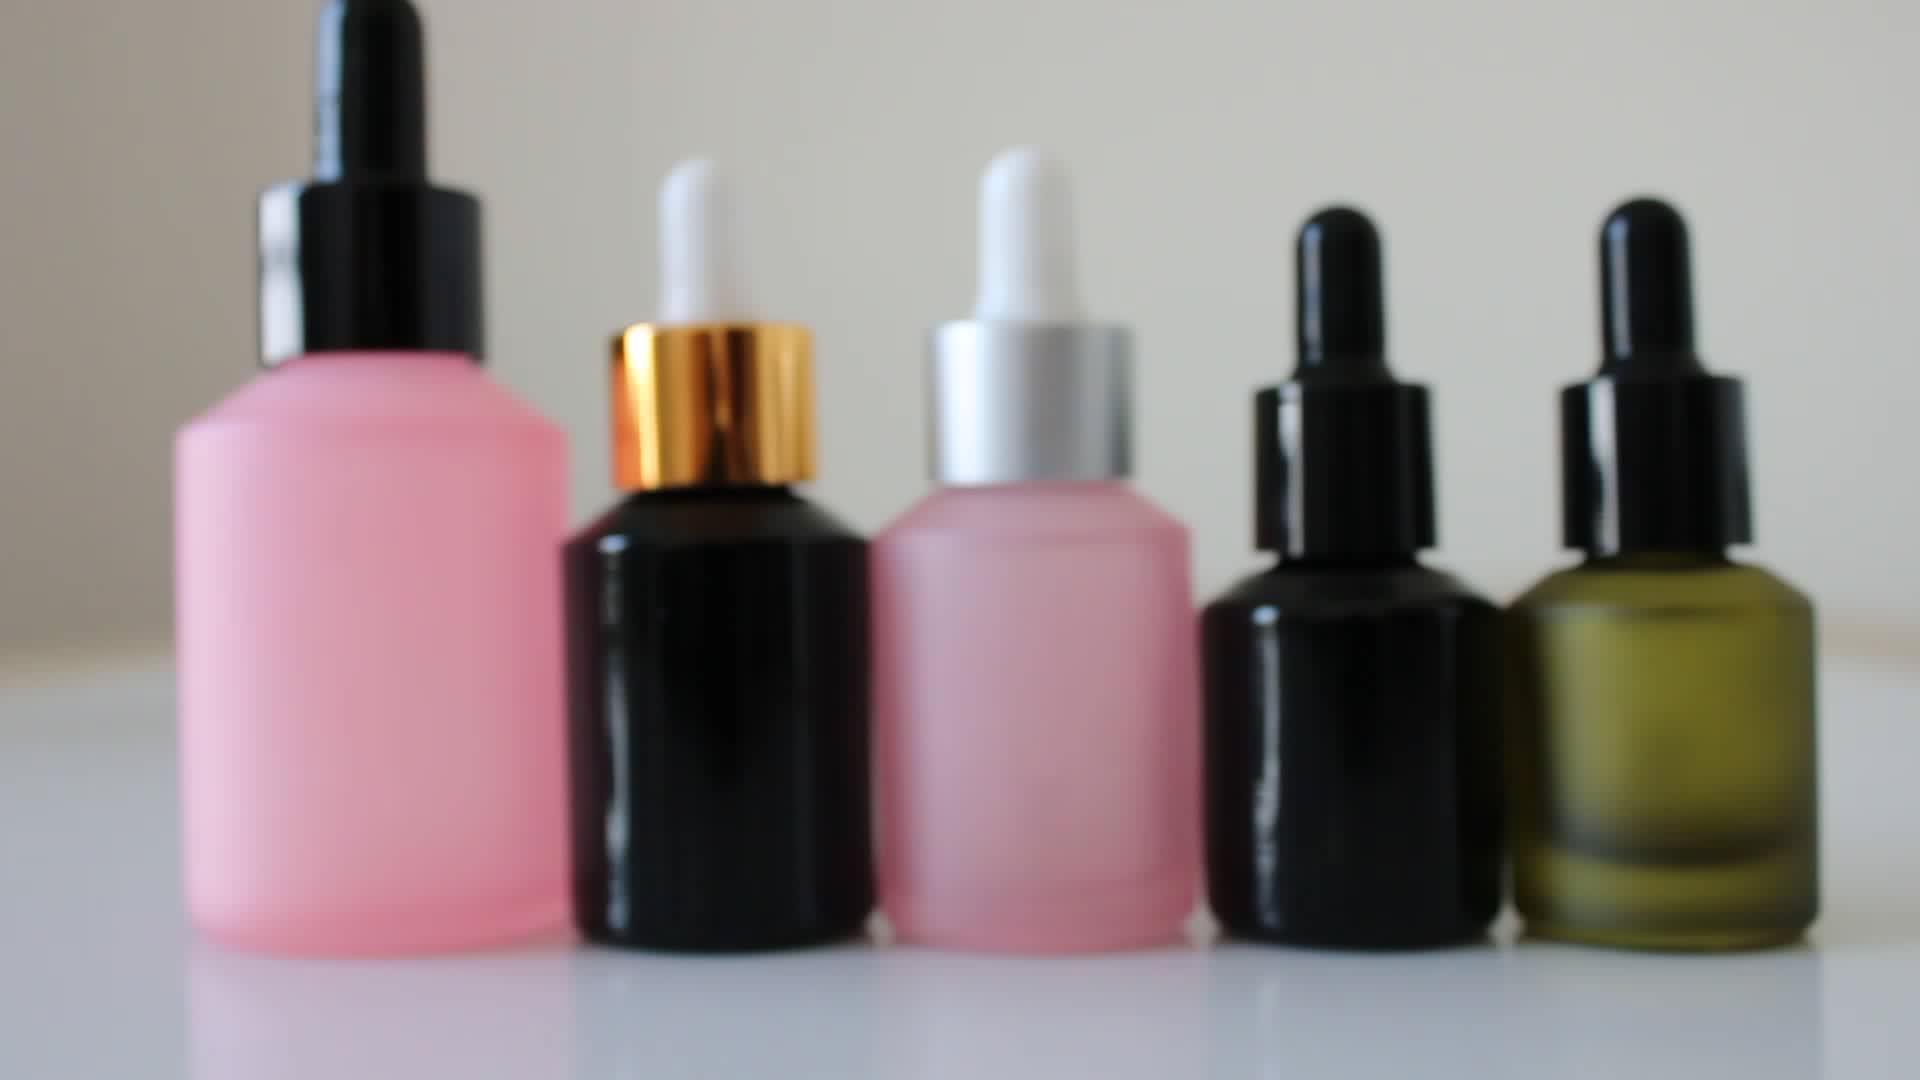 متجمد الوردي 30 مللي قطارة زجاجية زجاجة زيت أساسي زجاجة مستحضرات التجميل مع غطاء